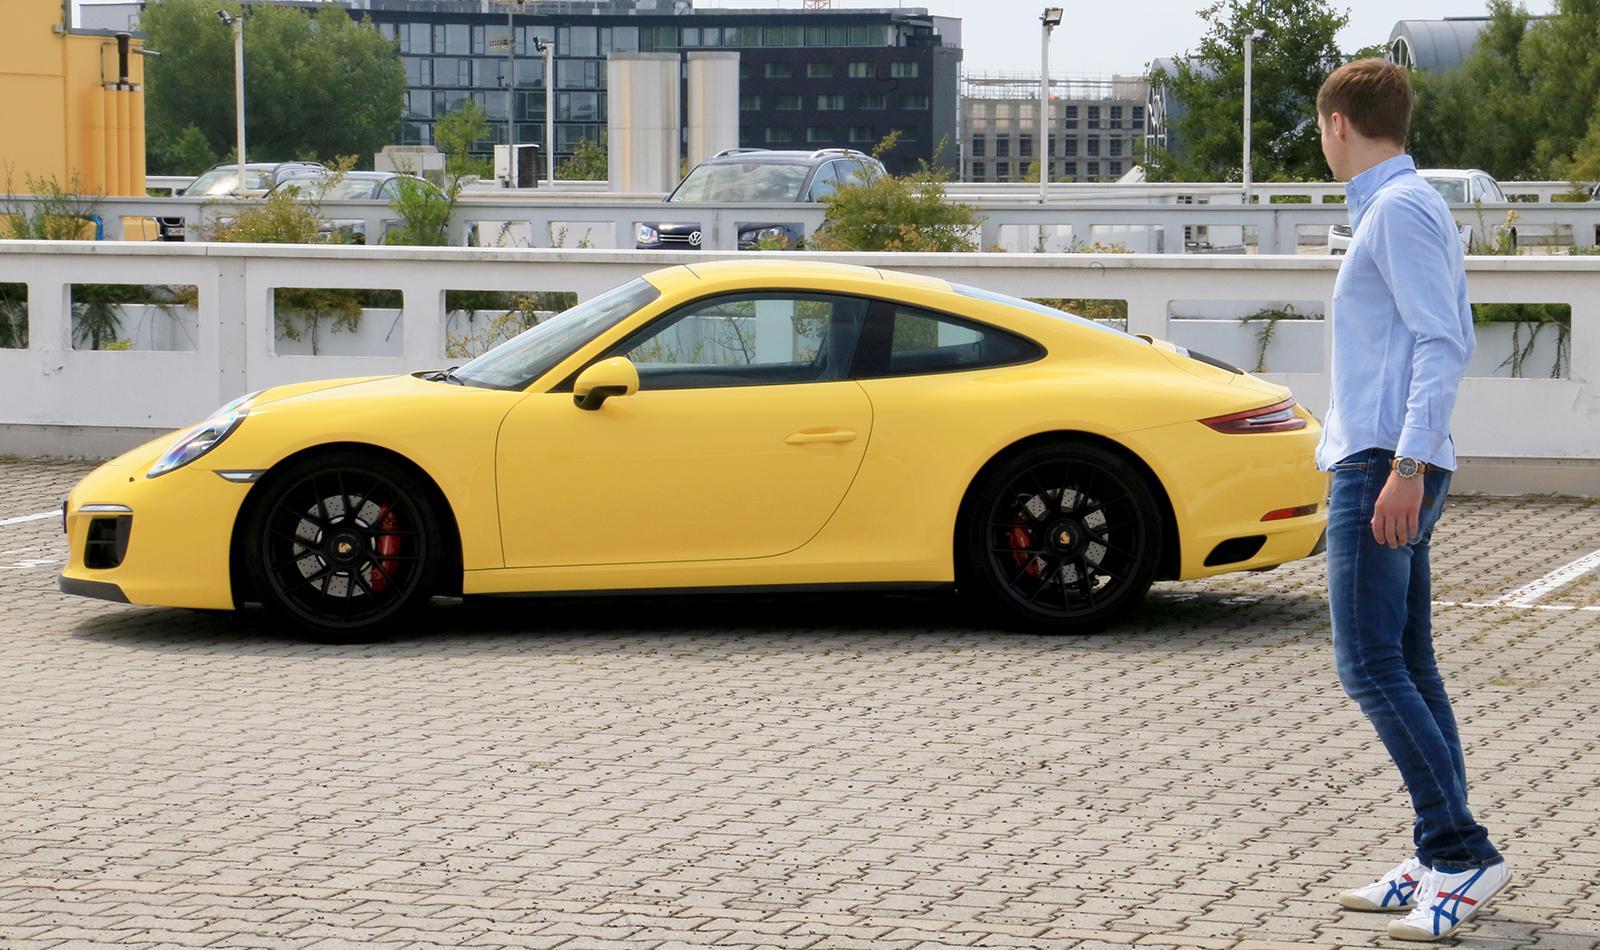 Porsche 911 Carrera GTS gelb Seitenansicht parkend Redakteur geht los zum Einsteigen